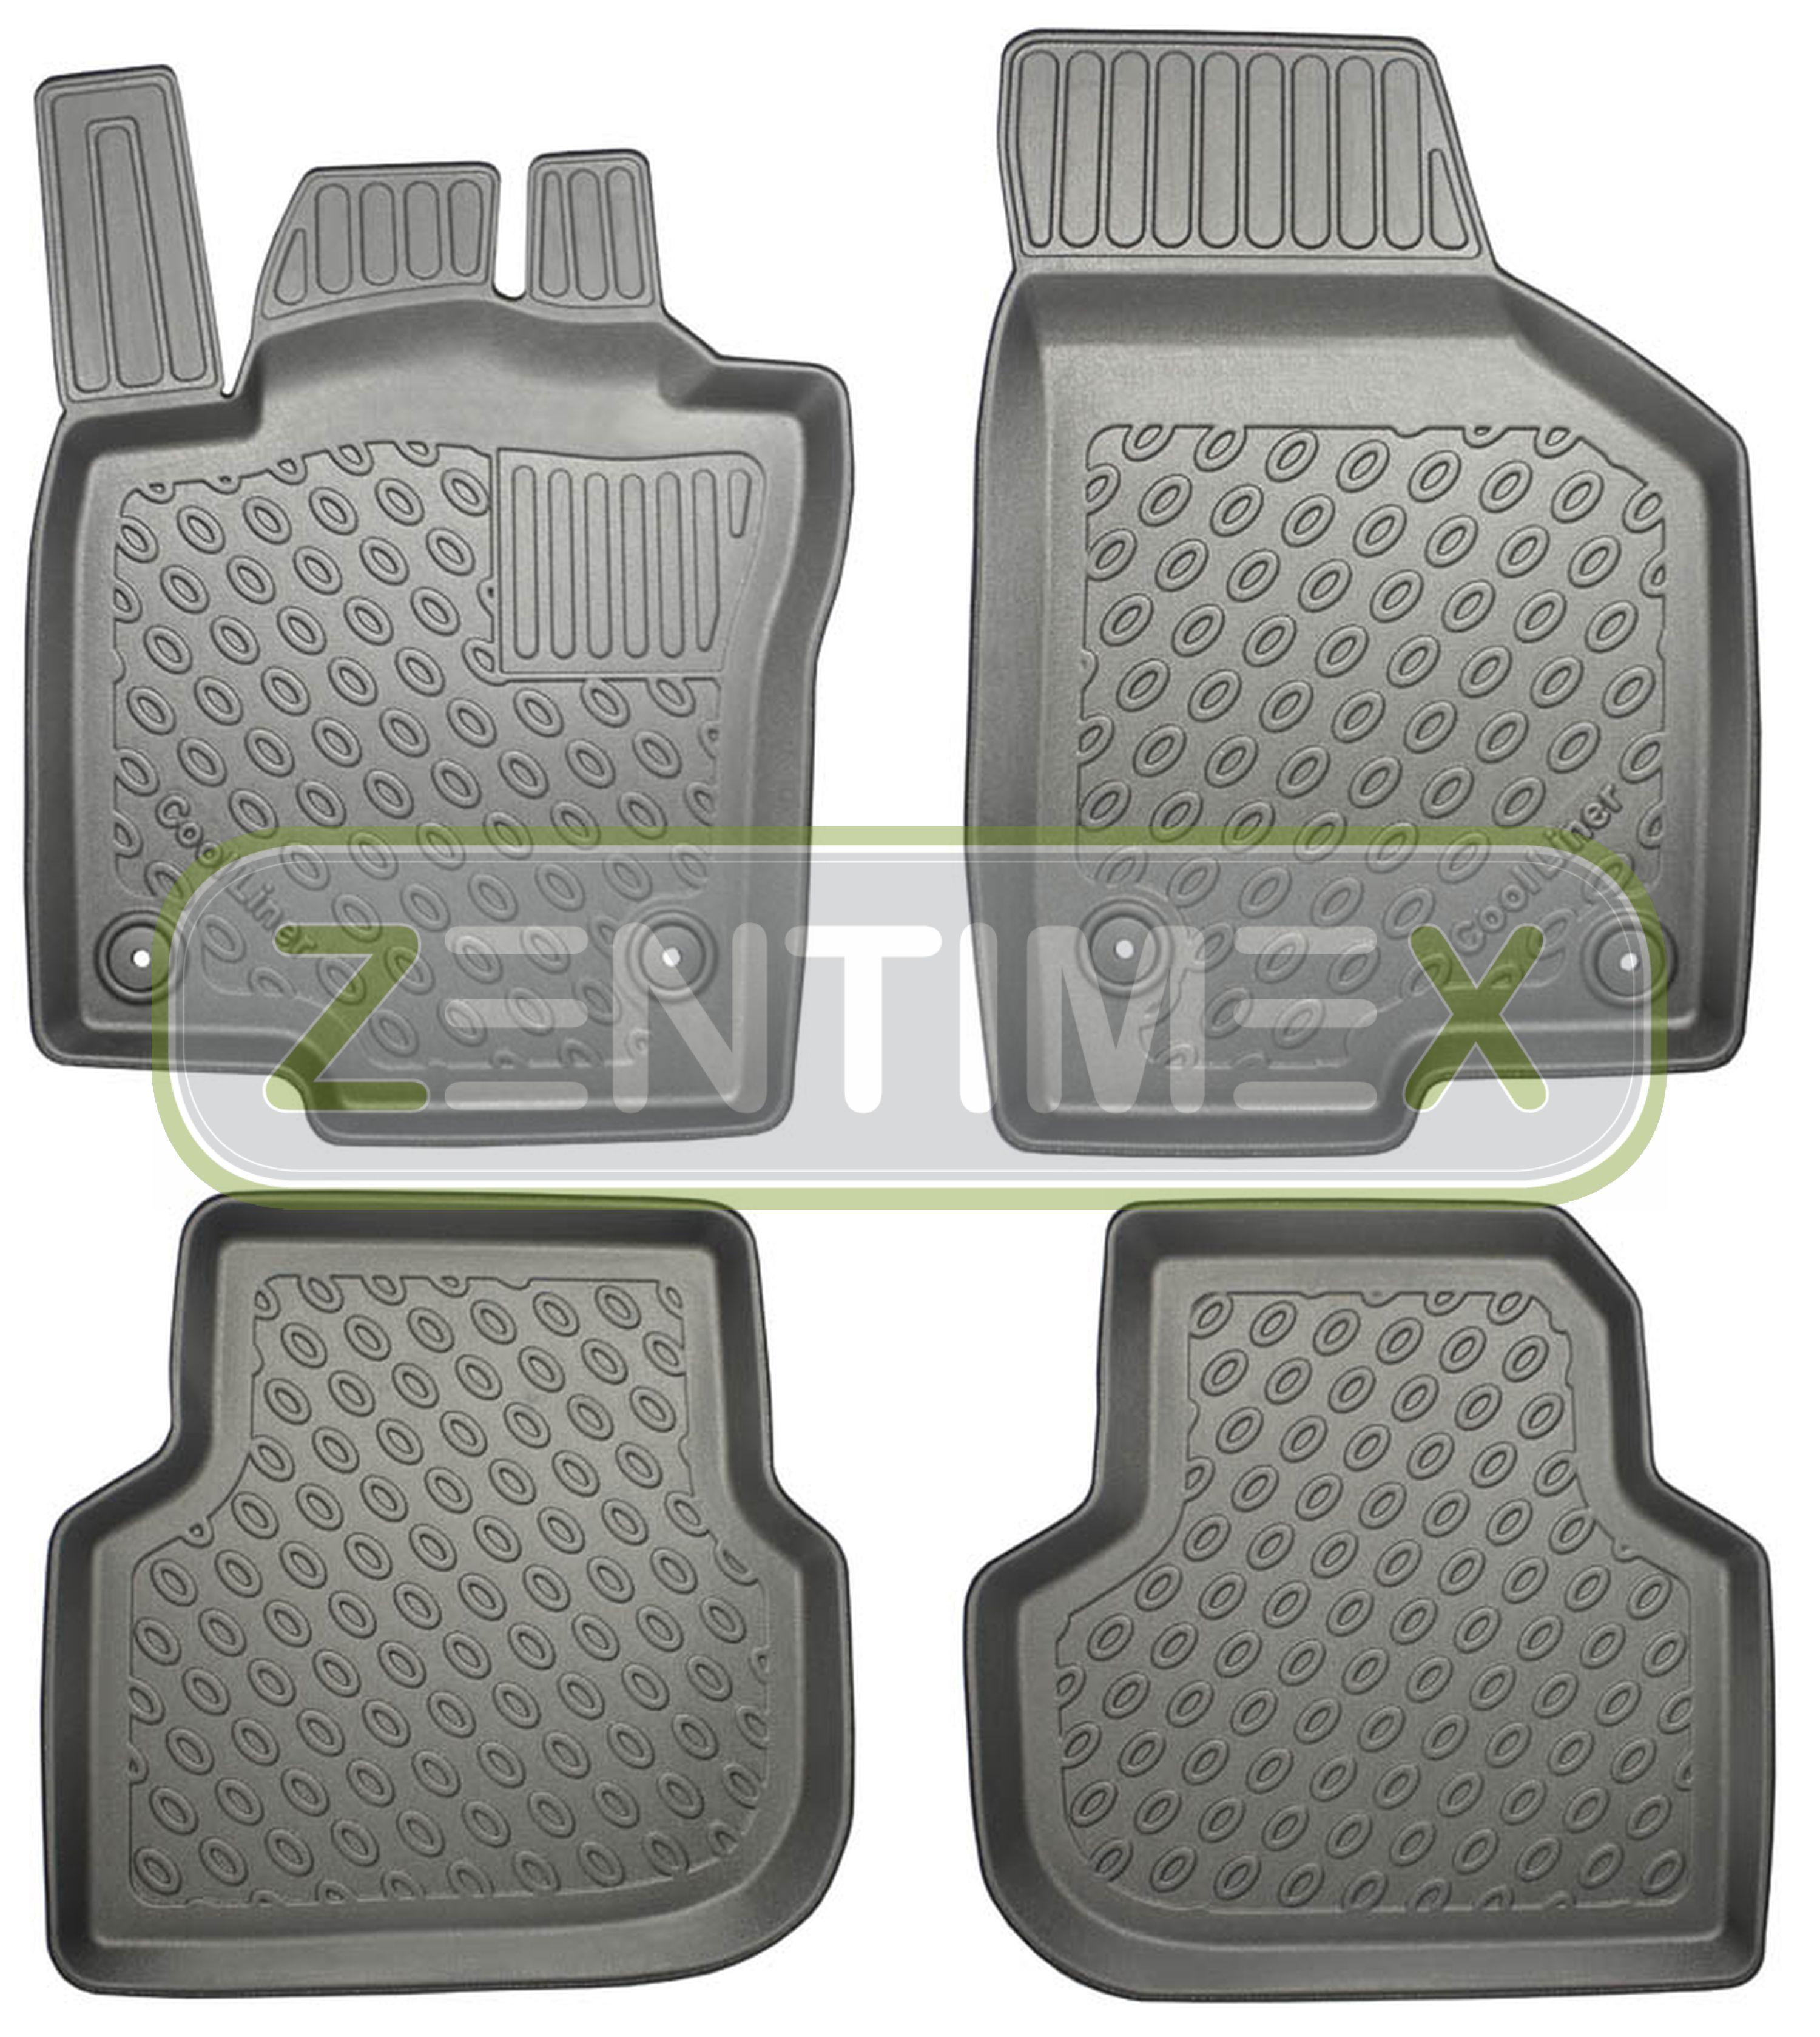 Tappetini In Gomma / Tpe 3d Premium Per Vw Volkswagen Jetta Ncs Trendline A6 24 Con Le Attrezzature E Le Tecniche Più Aggiornate